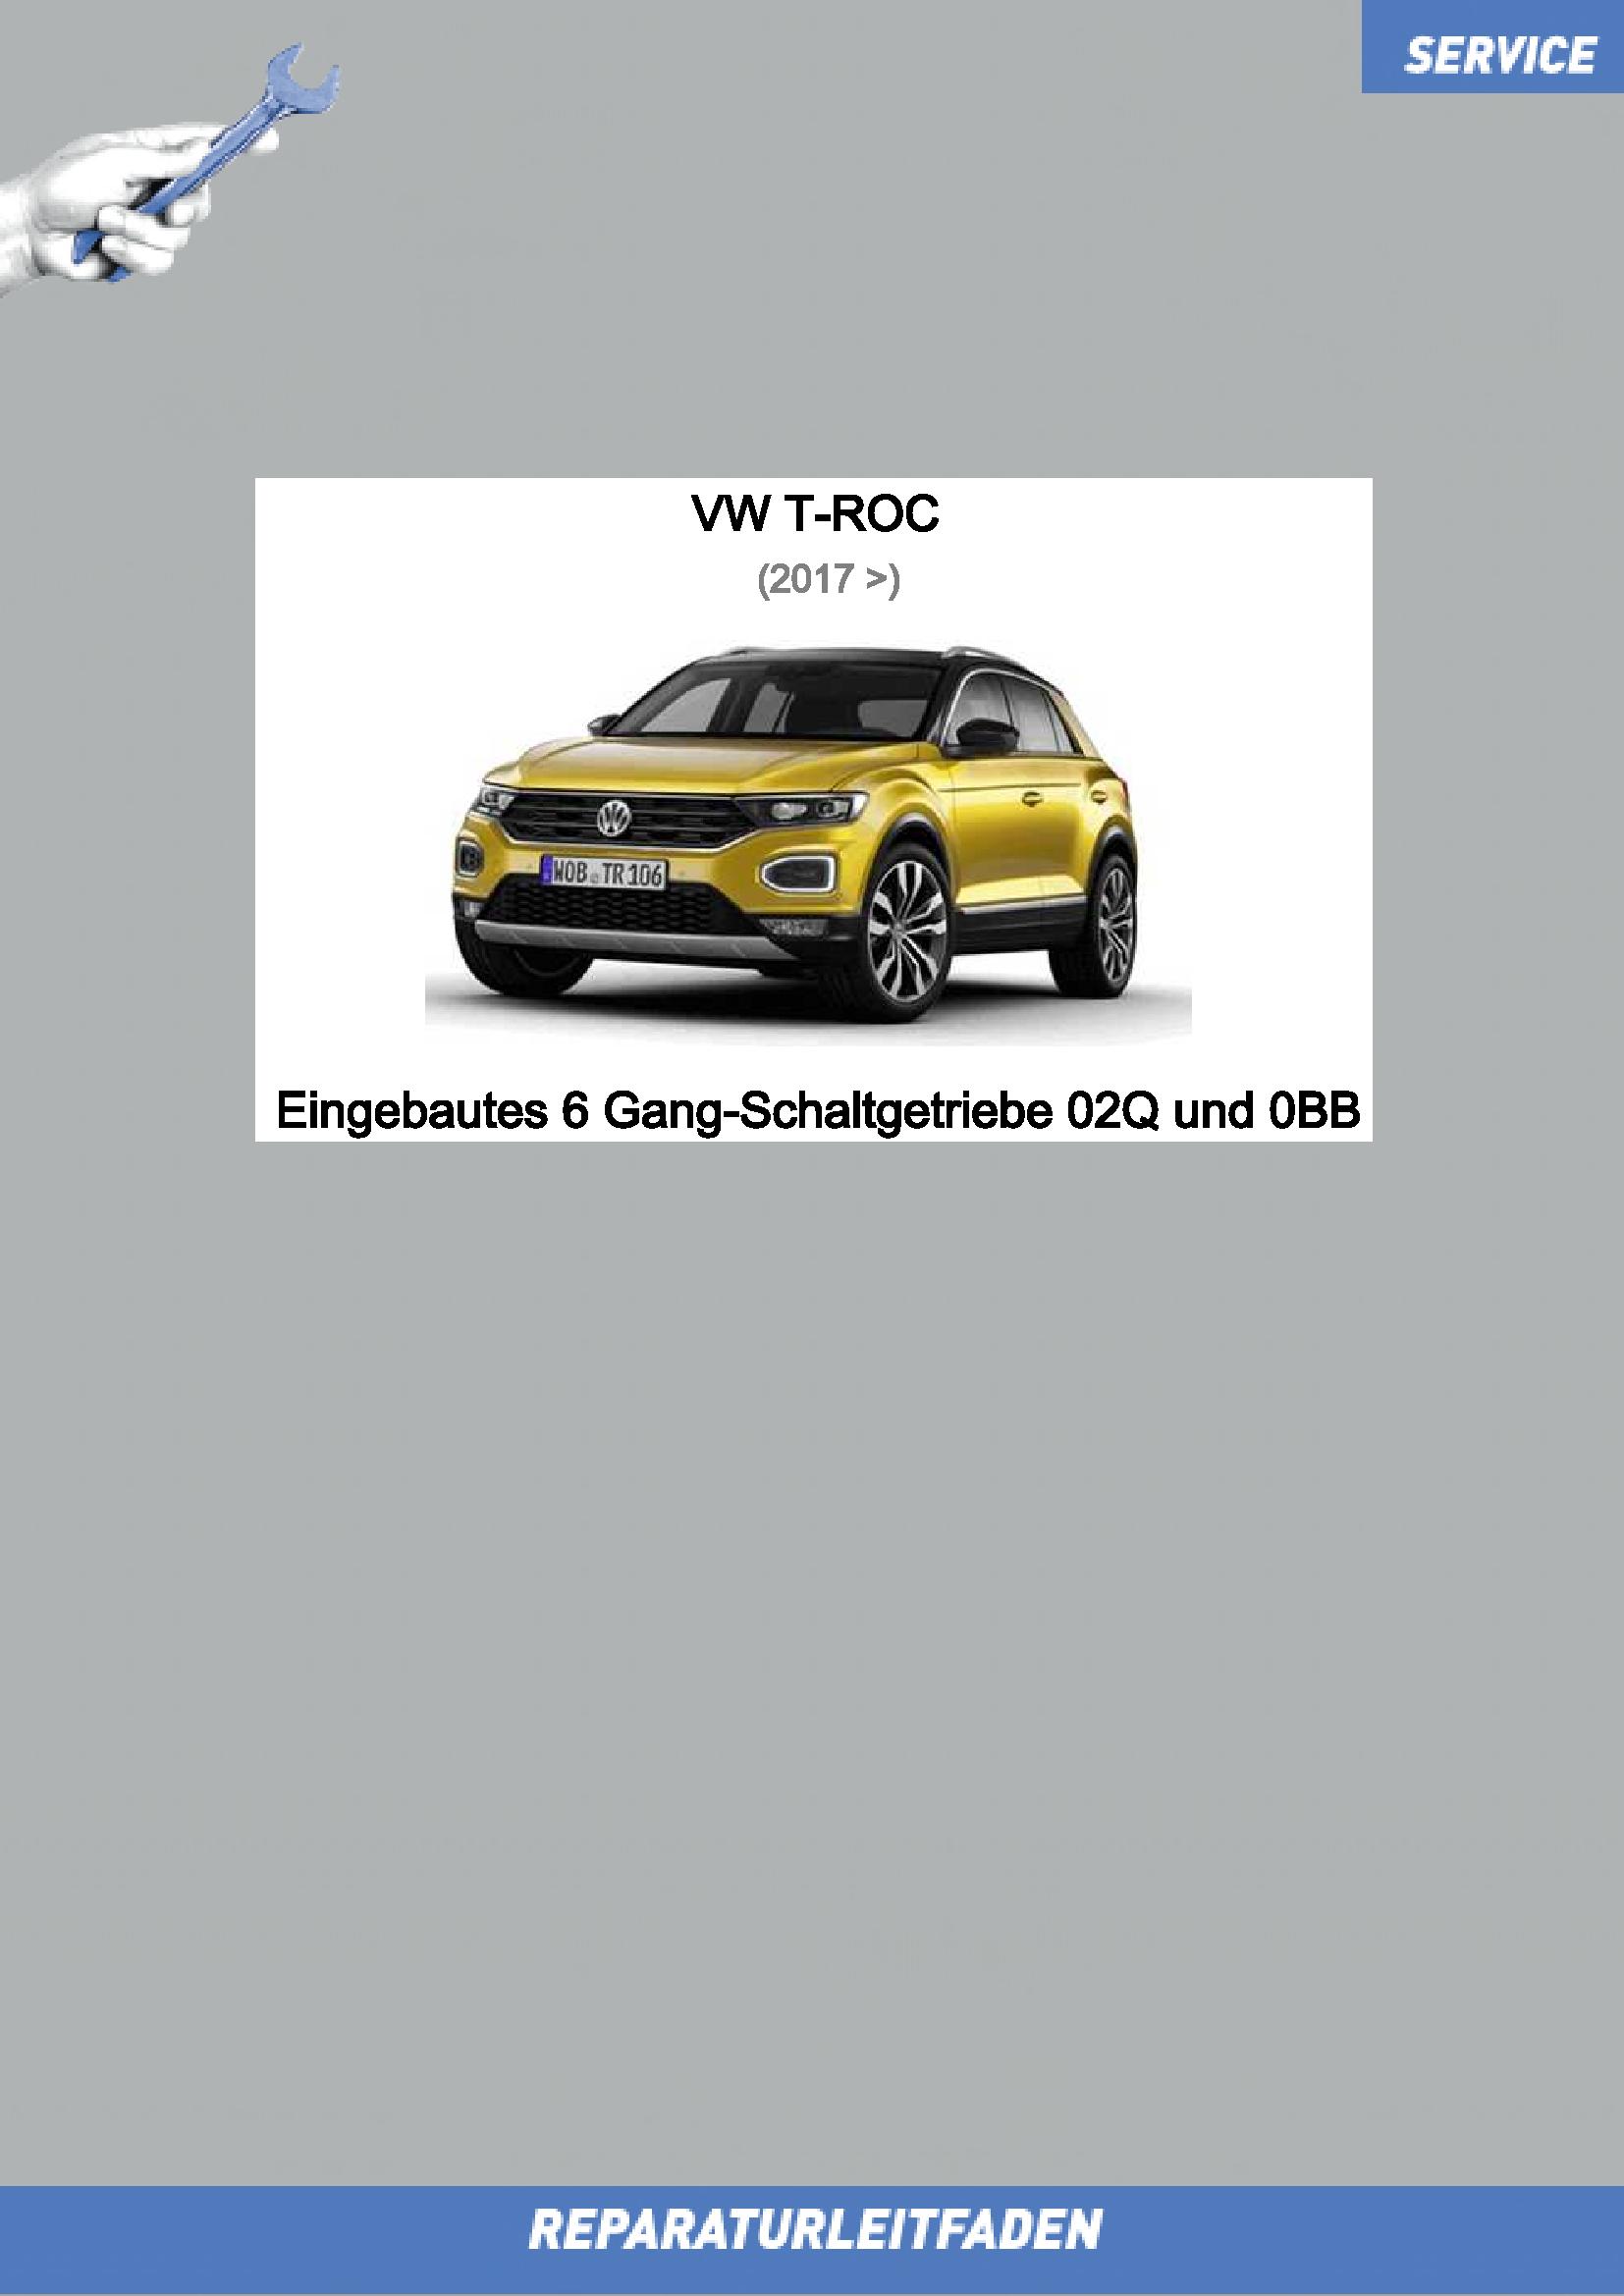 vw-t-roc-0023-eingebautes_6_gang-schaltgetriebe_02q_und_0bb_1.png